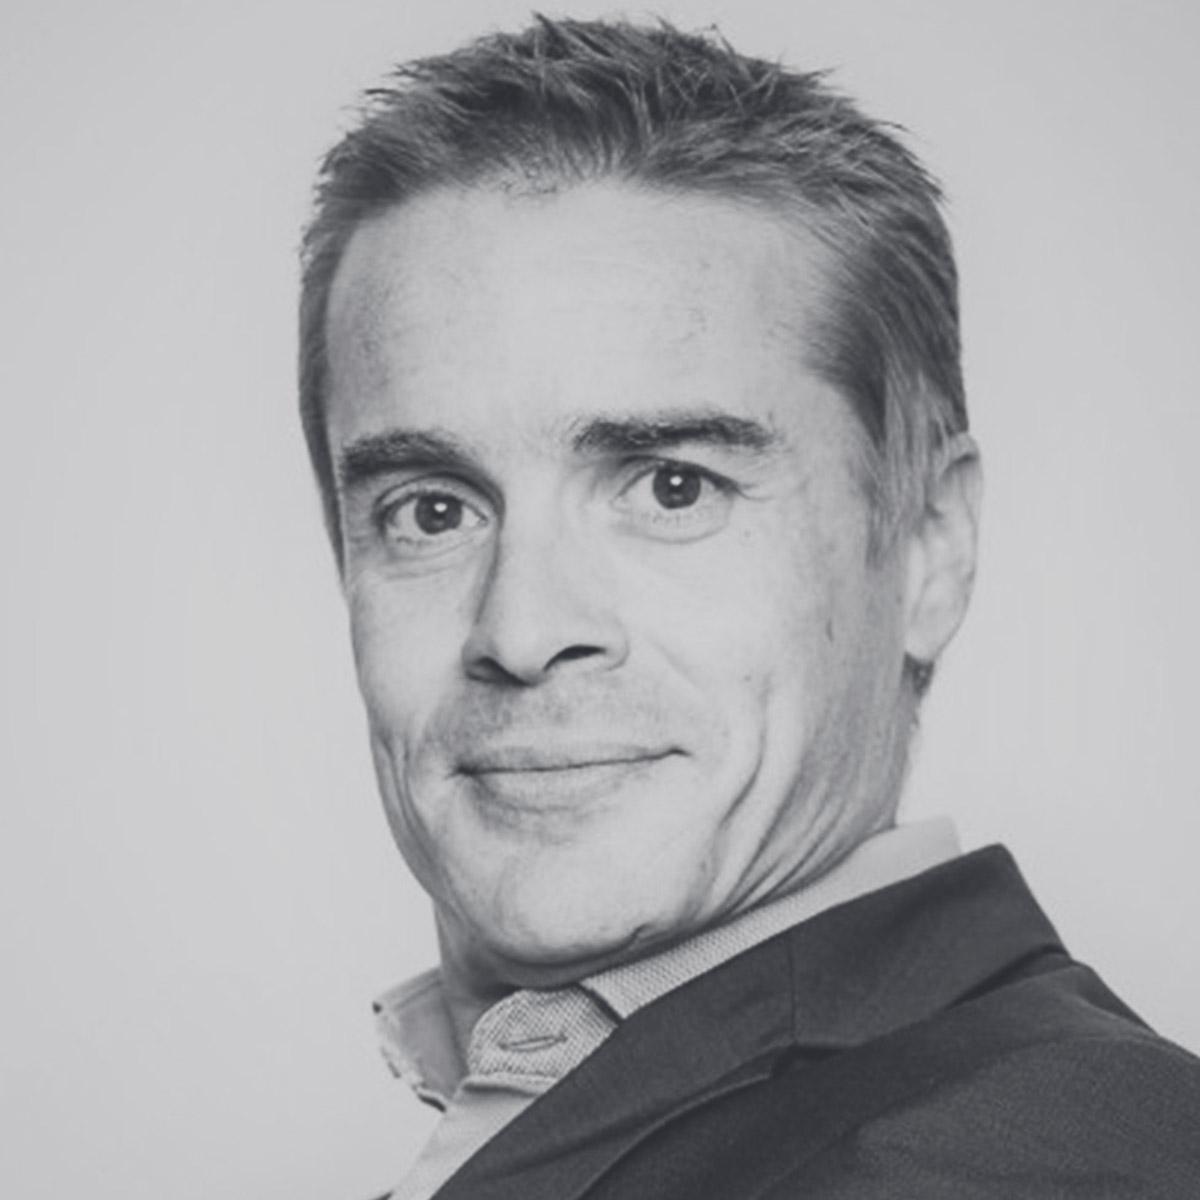 Stefan Klima